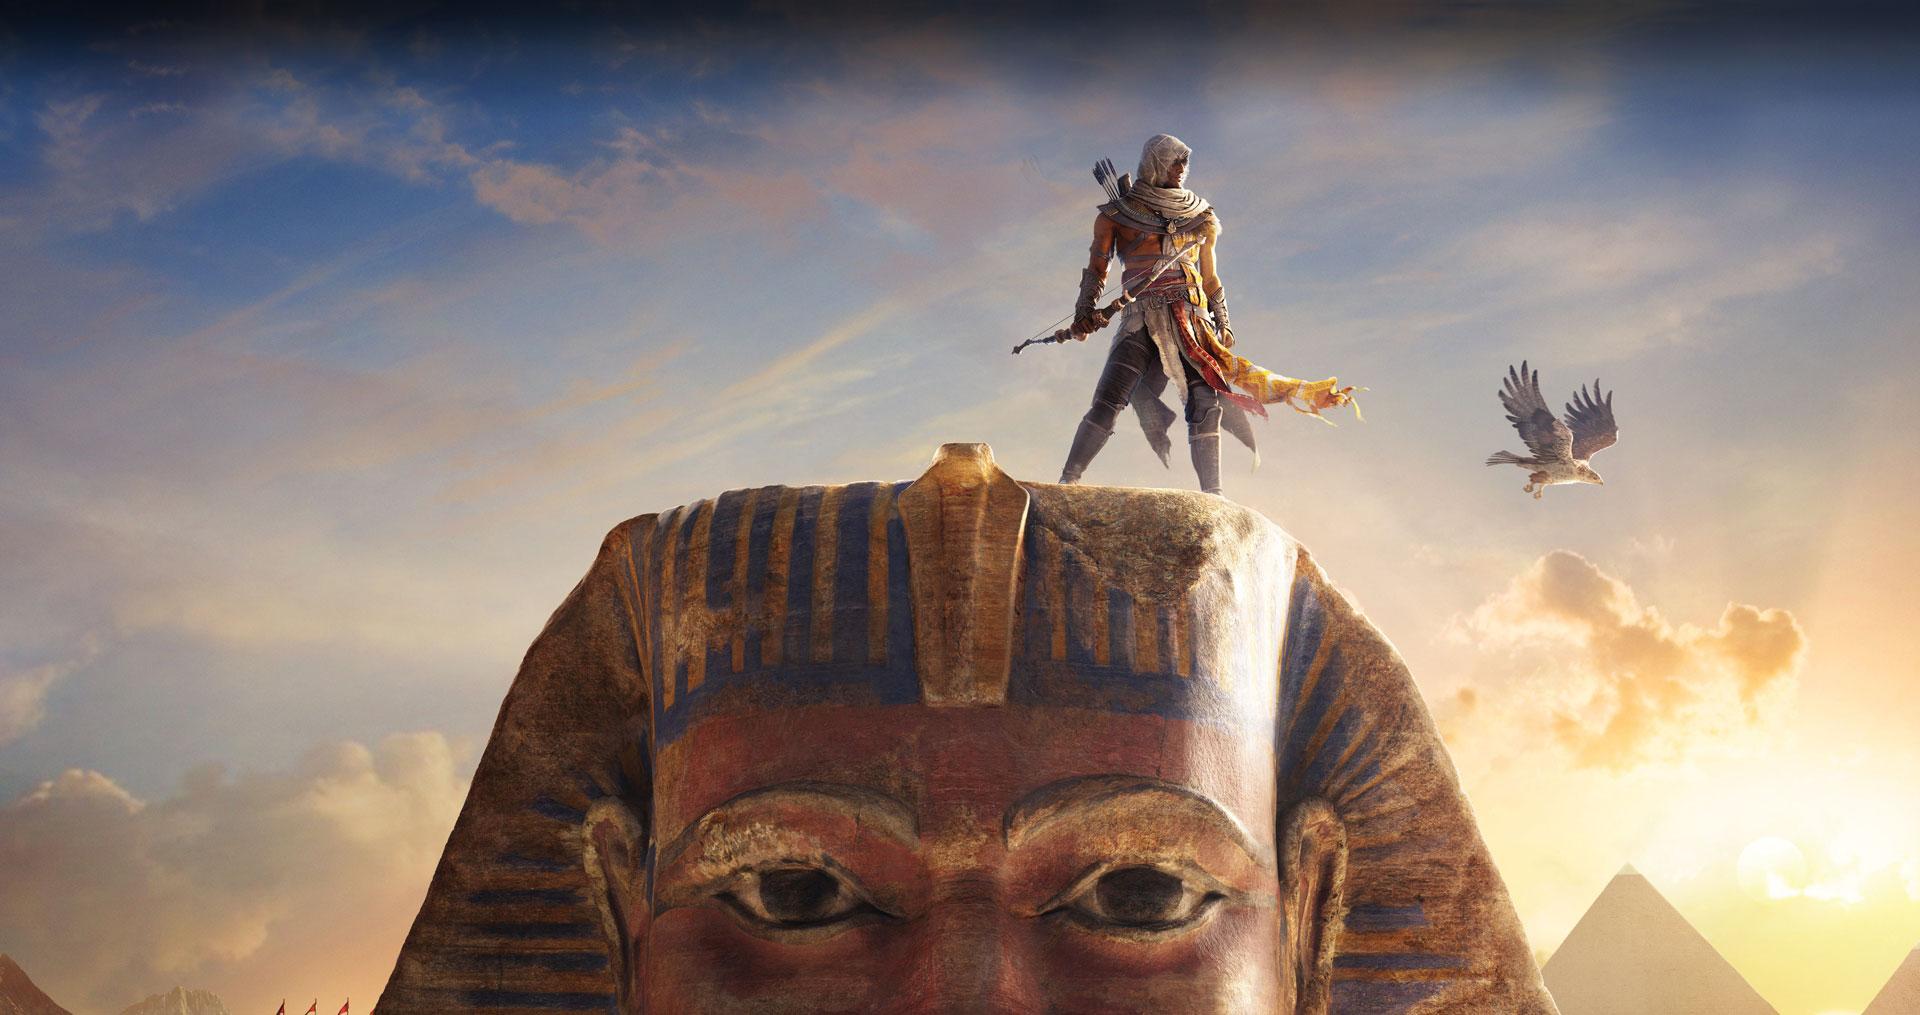 Assassins Creed Originns Character Concept Art